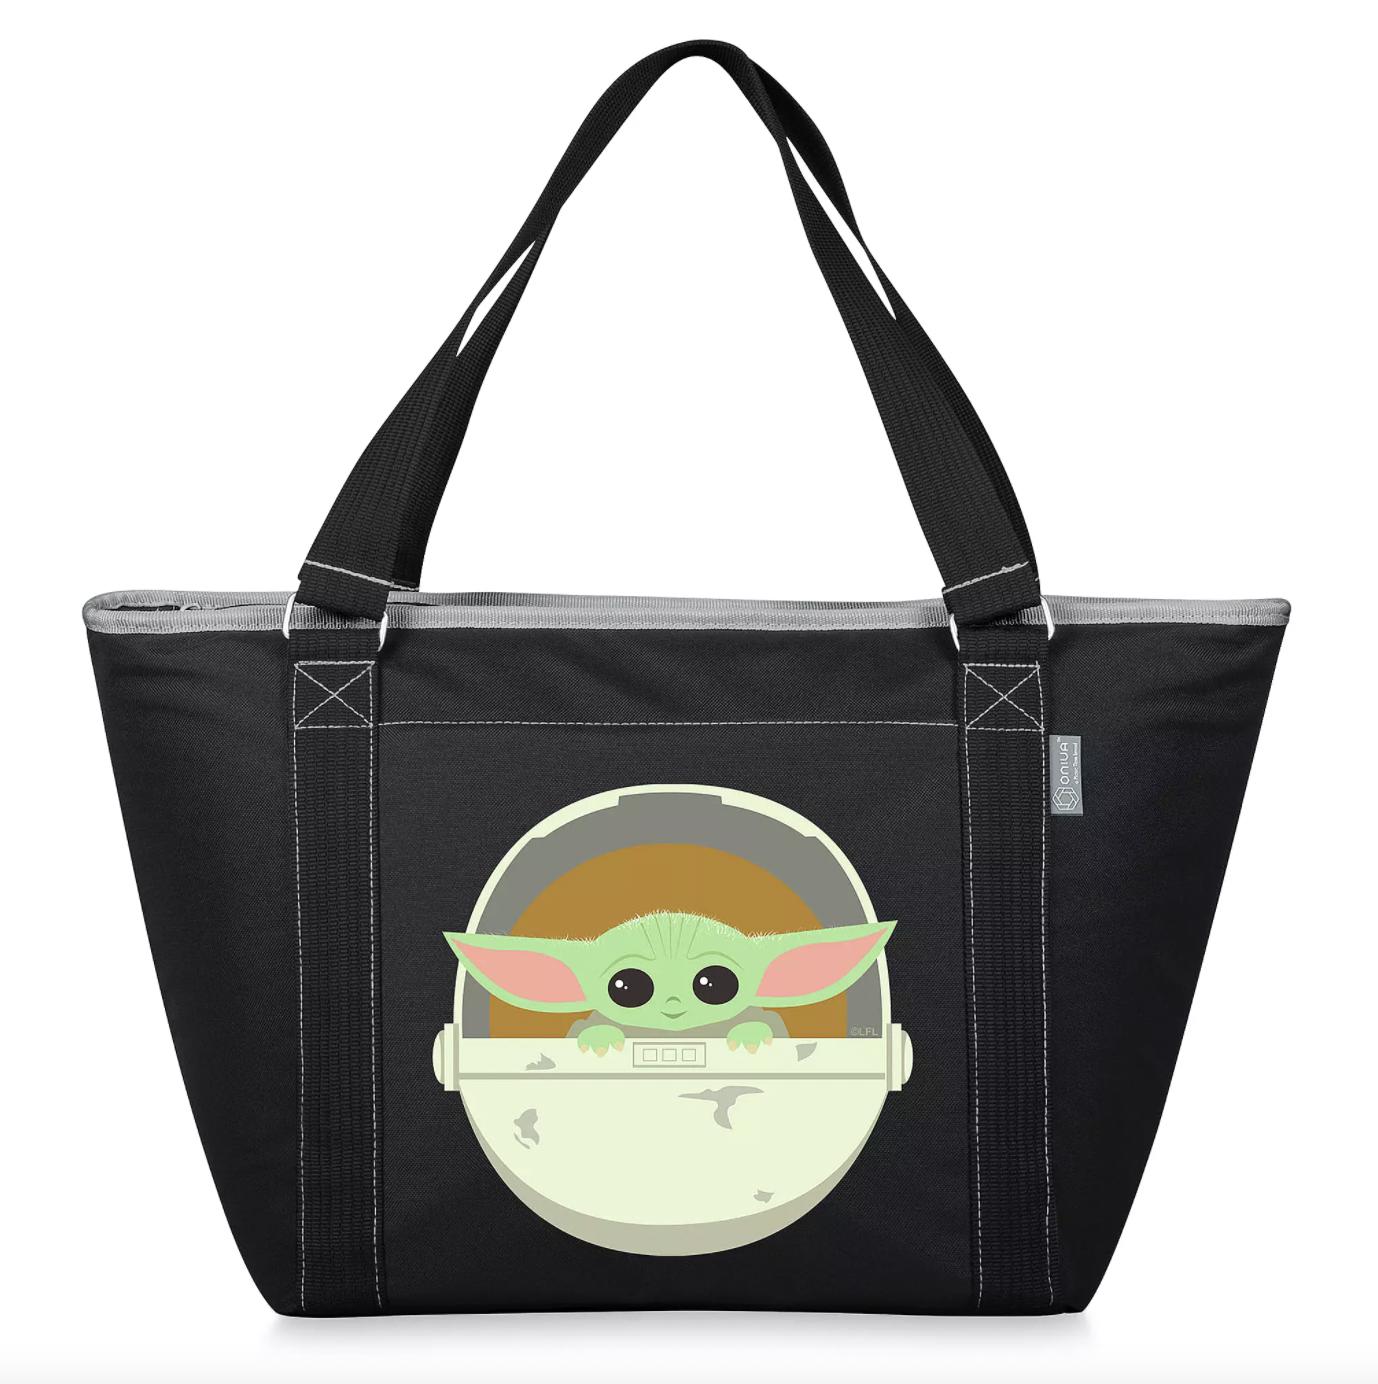 star wars bag baby yoda